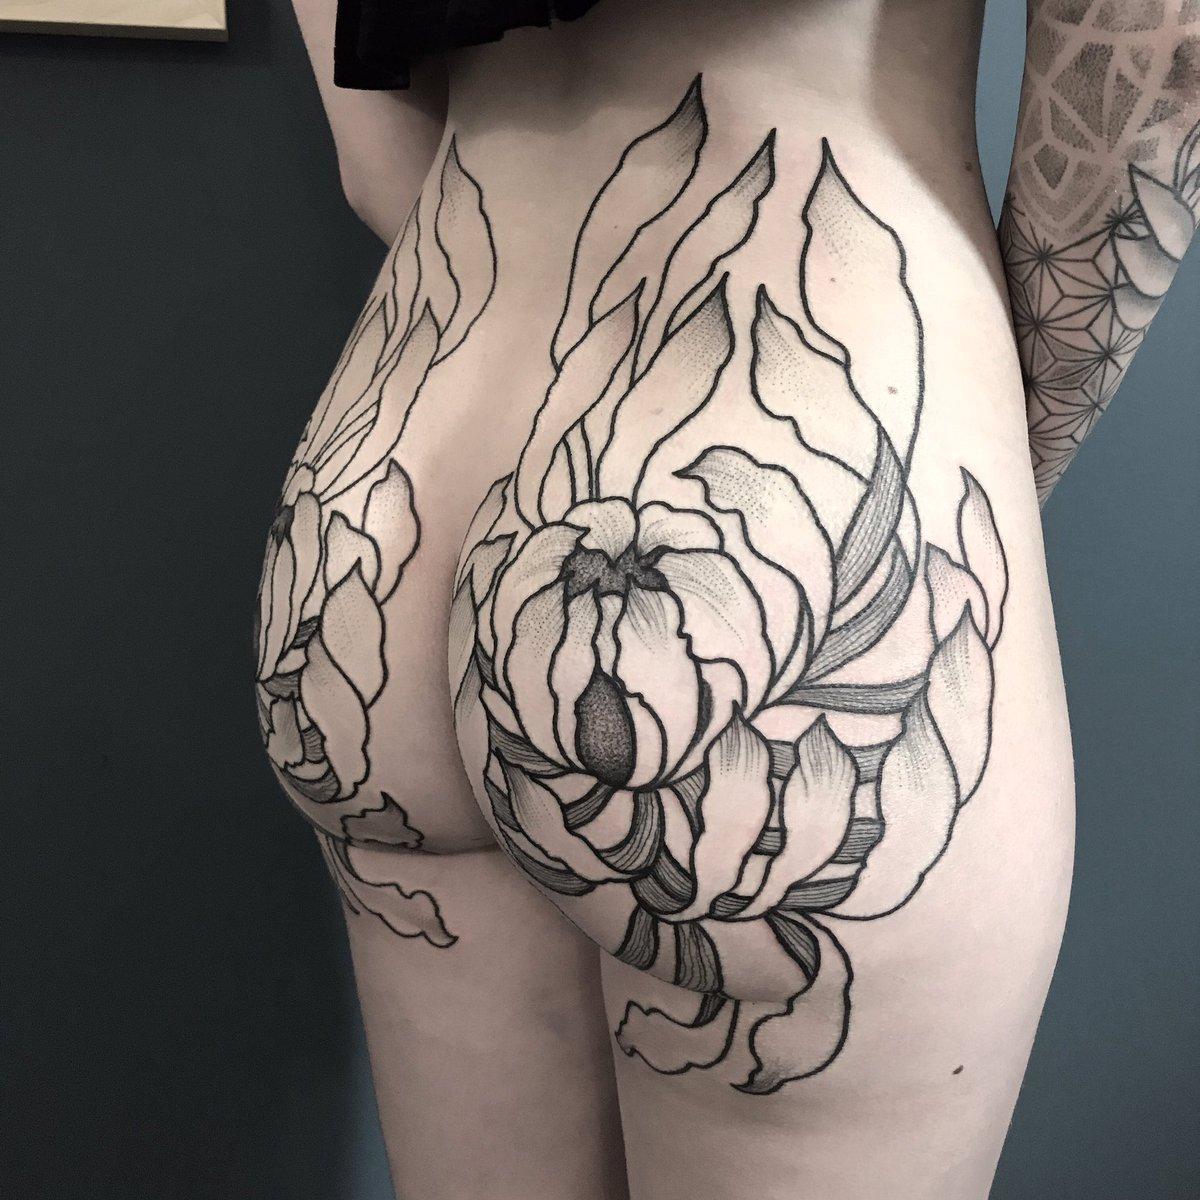 Ass butt tattoo